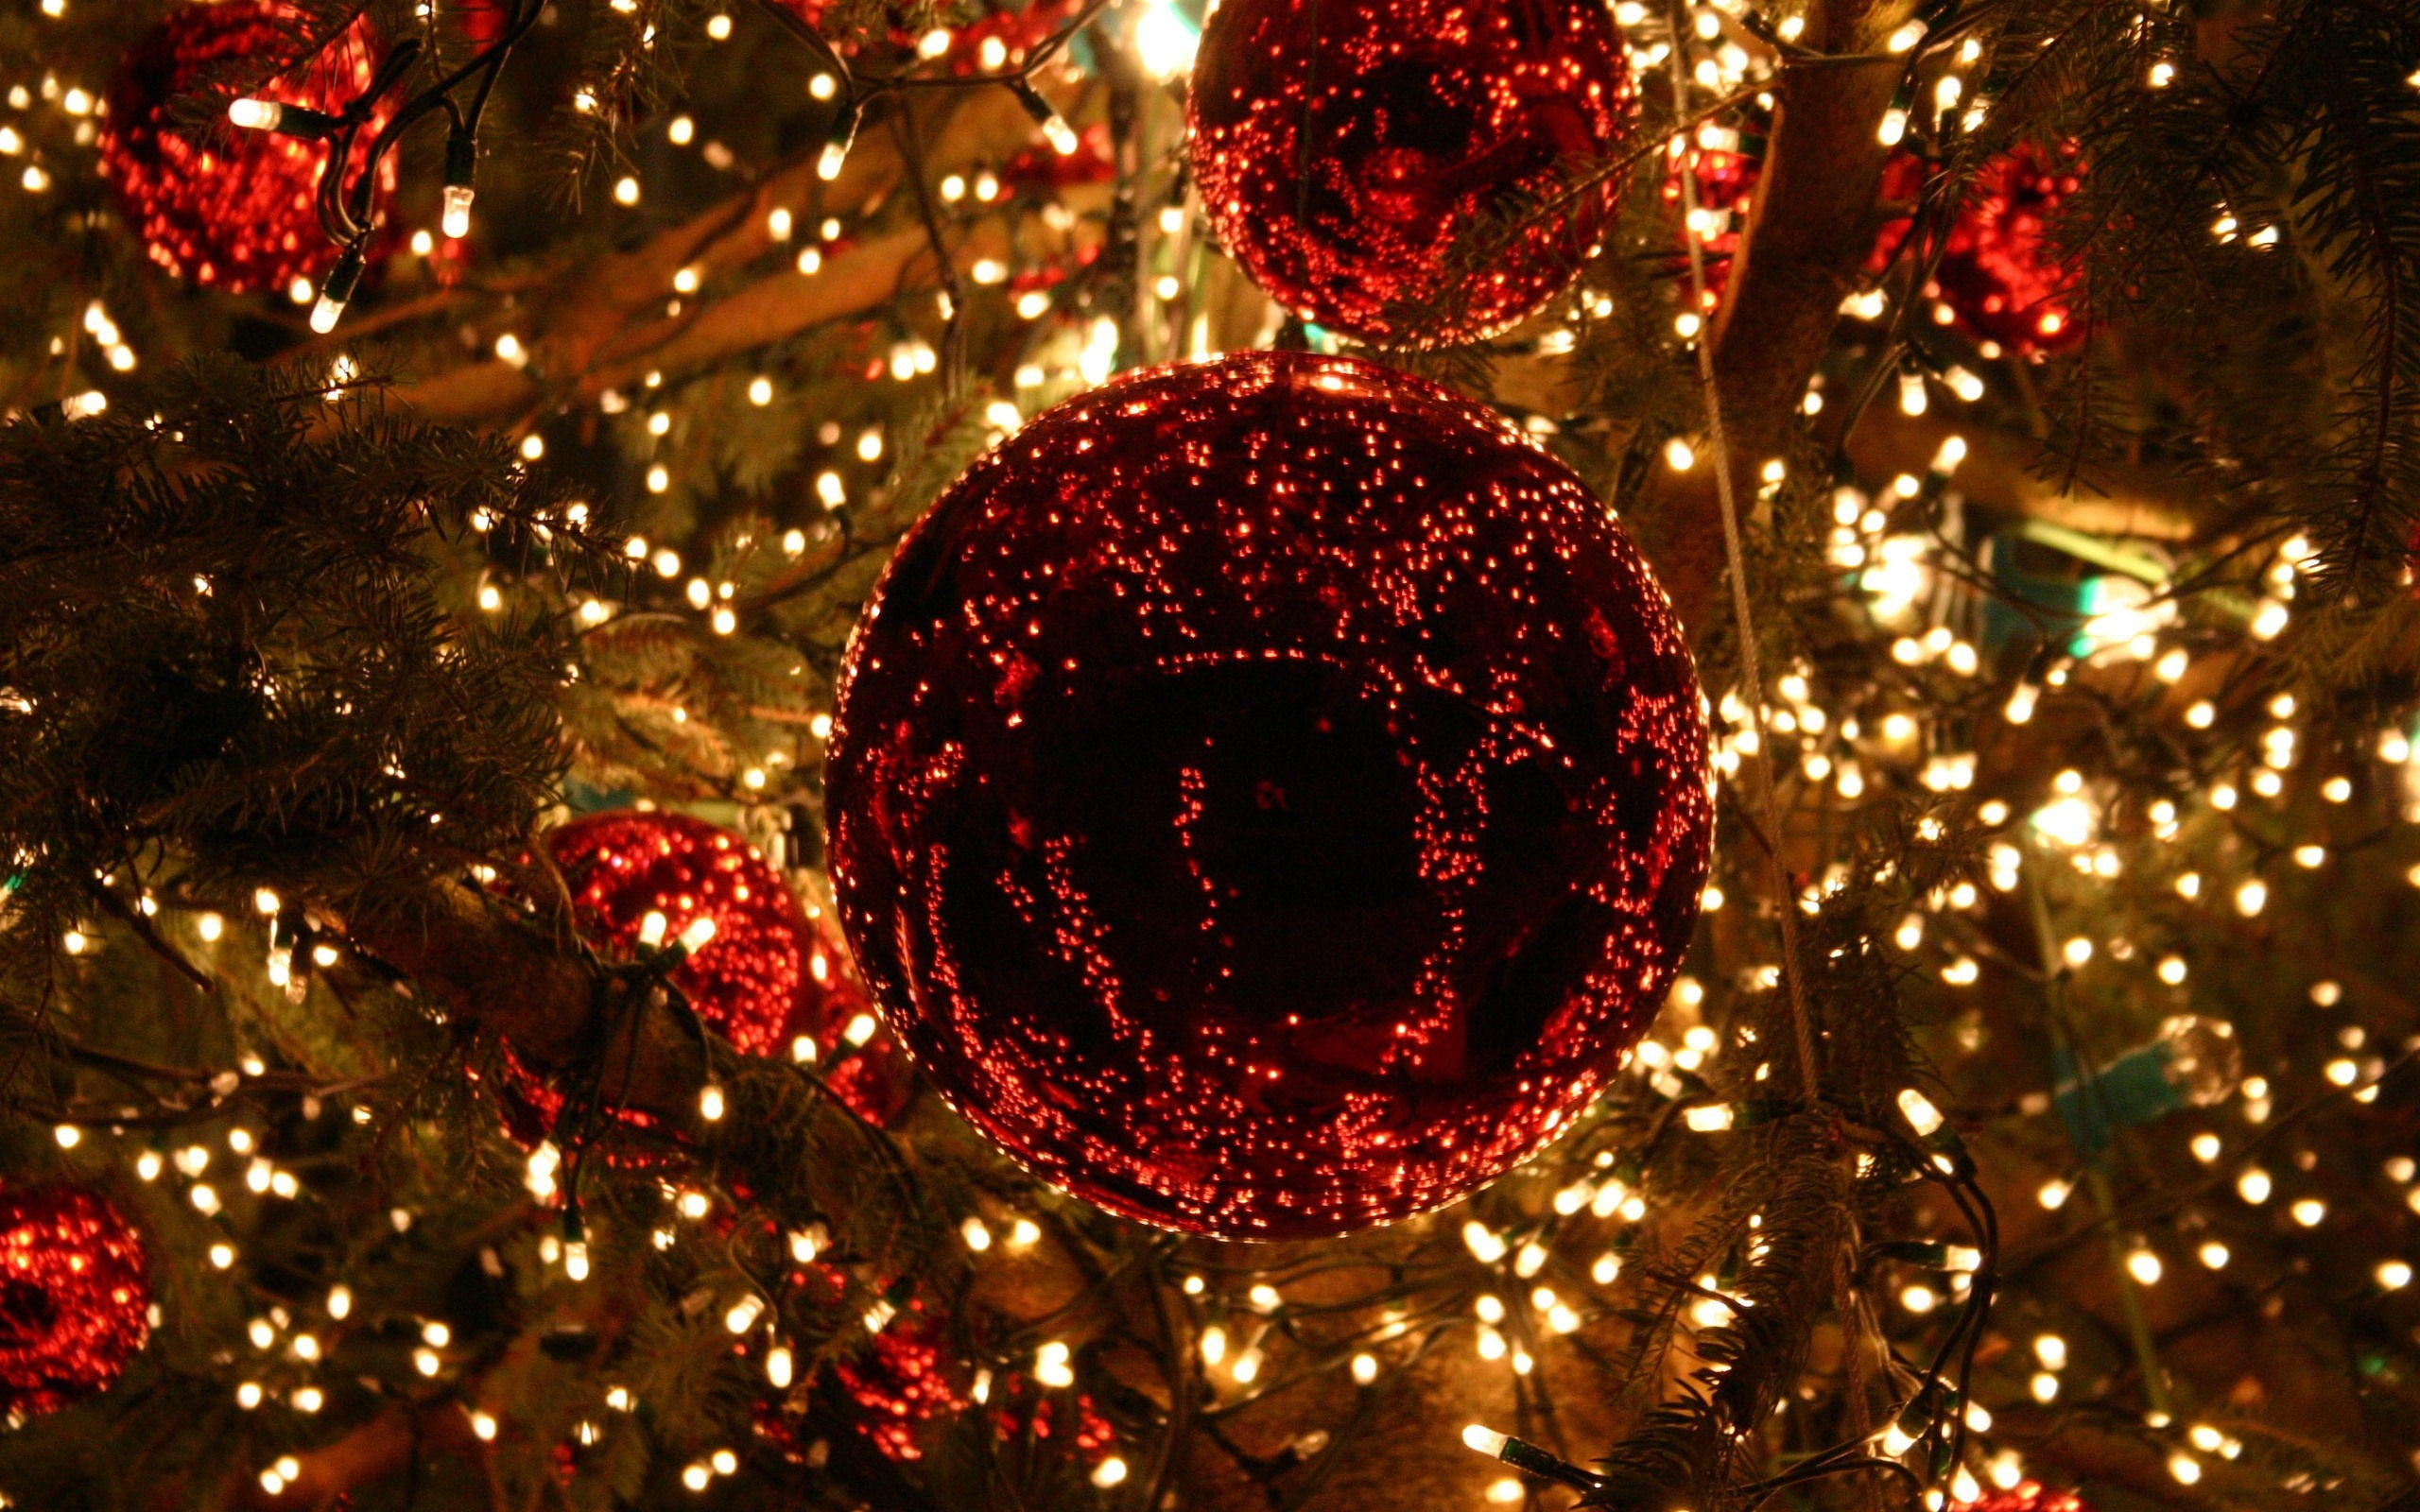 3 35916 christmas lights desktop background